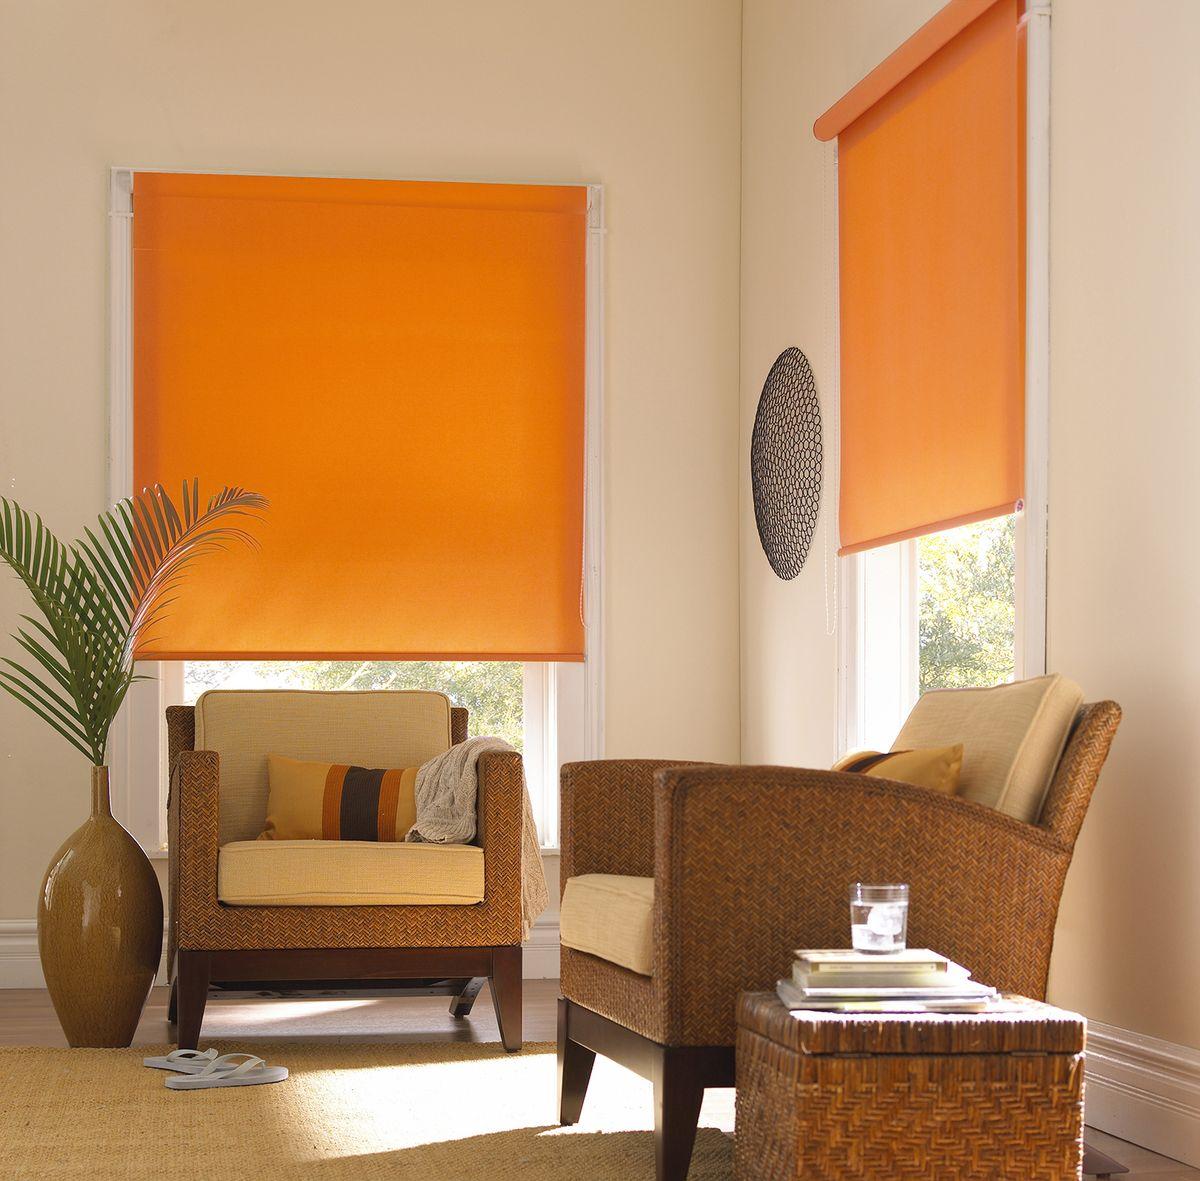 Штора рулонная Эскар Миниролло, цвет: апельсин, ширина 115 см, высота 170 см31203115170Рулонная штора Эскар Миниролло выполнена из высокопрочной ткани, которая сохраняет свой размер даже при намокании. Ткань не выцветает и обладает отличной цветоустойчивостью. Миниролло - это подвид рулонных штор, который закрывает не весь оконный проем, а непосредственно само стекло. Такие шторы крепятся на раму без сверления при помощи зажимов или клейкой двухсторонней ленты (в комплекте). Окно остается на гарантии, благодаря монтажу без сверления. Такая штора станет прекрасным элементом декора окна и гармонично впишется в интерьер любого помещения.